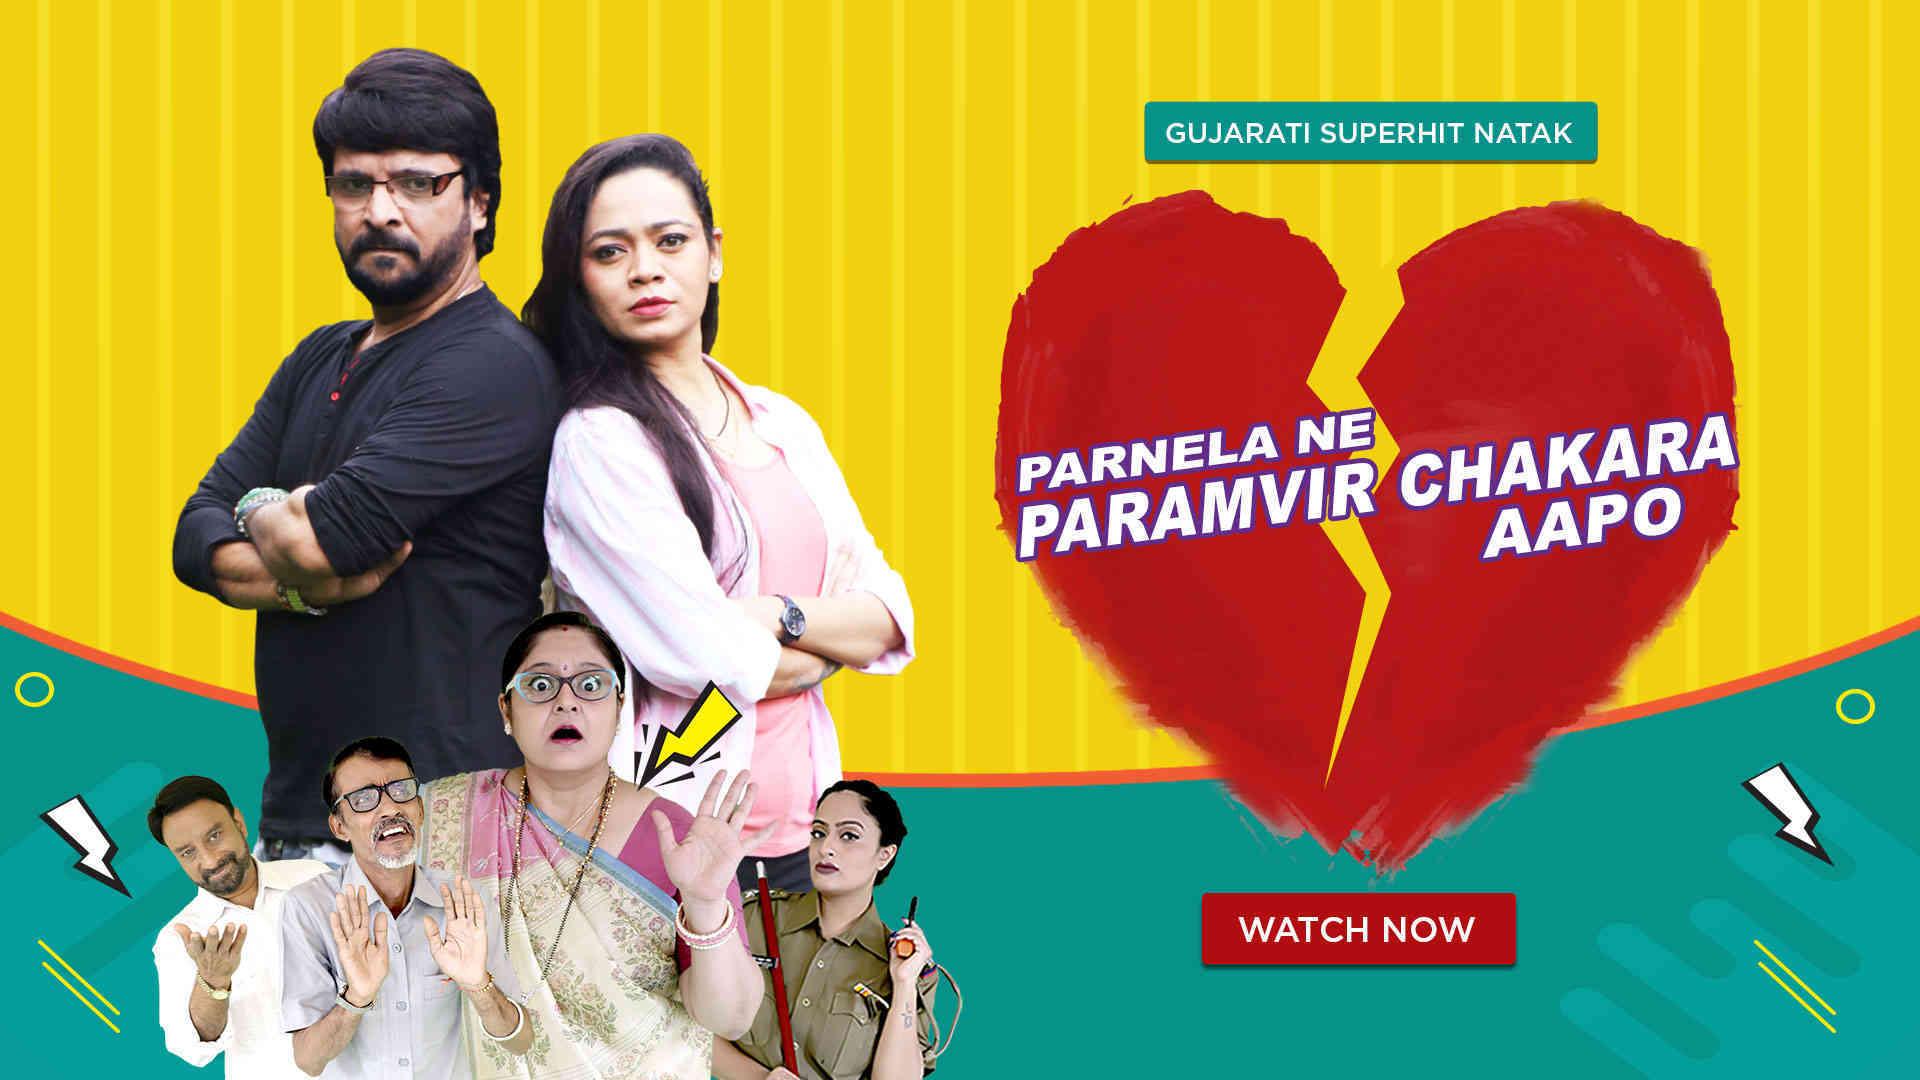 Parnelane Paramvir Chakra Aapo